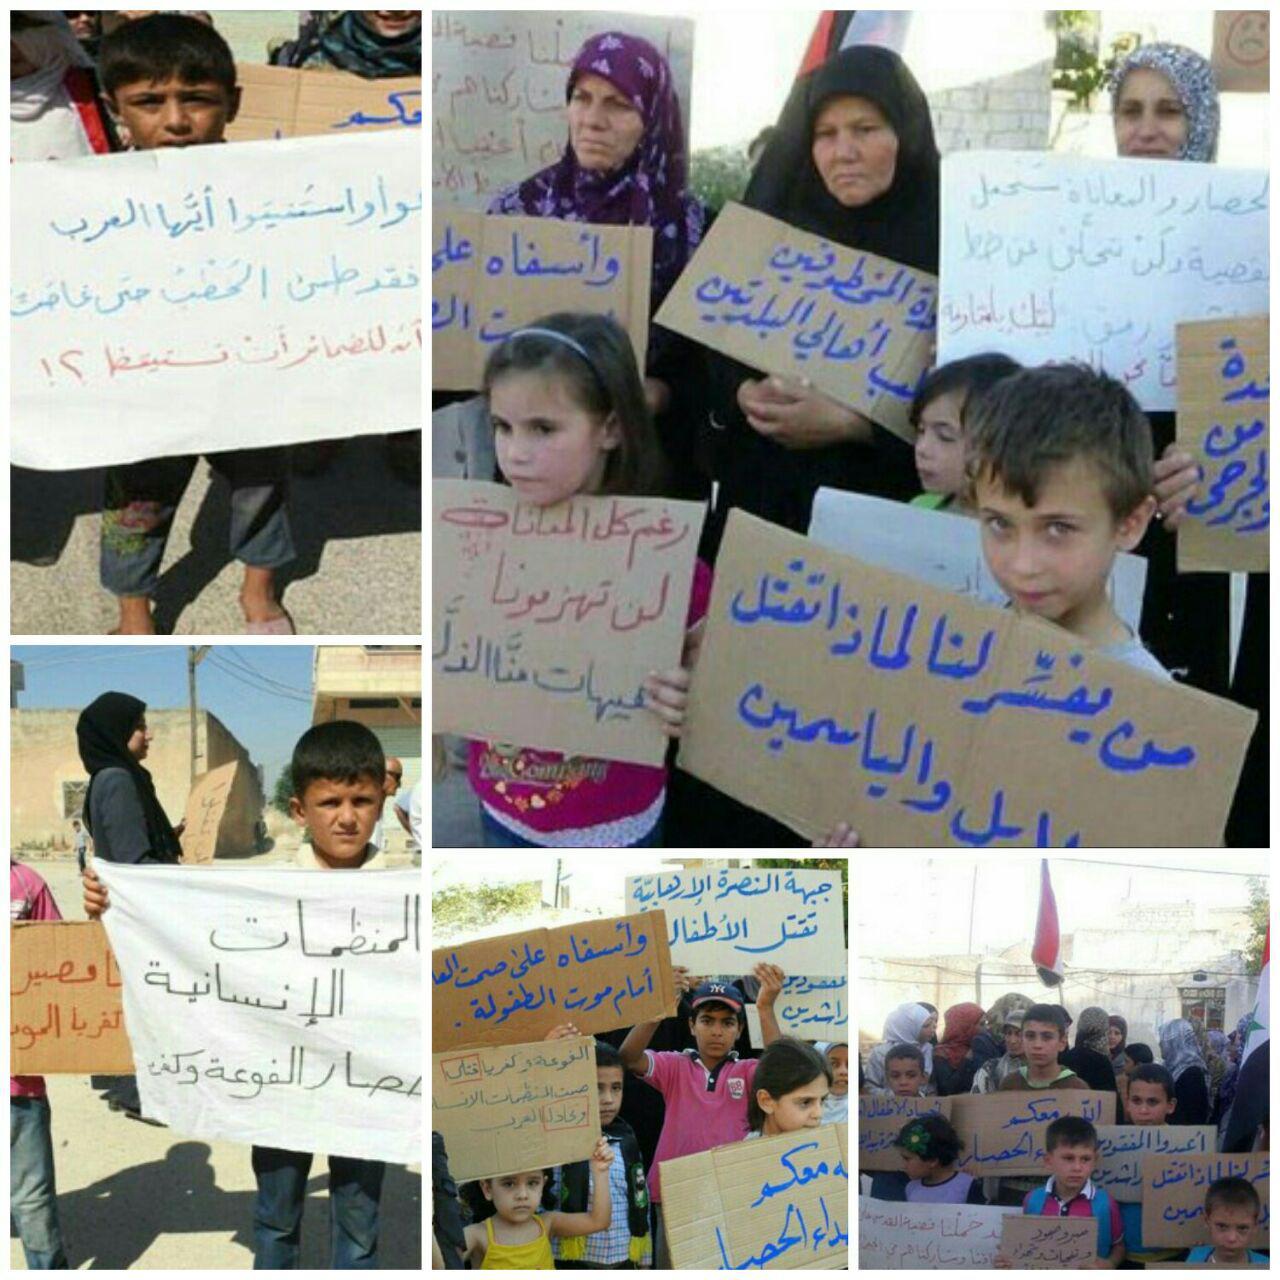 تصویر درخواست ساکنان فوعه و کفریا برای پایان محاصره این مناطق